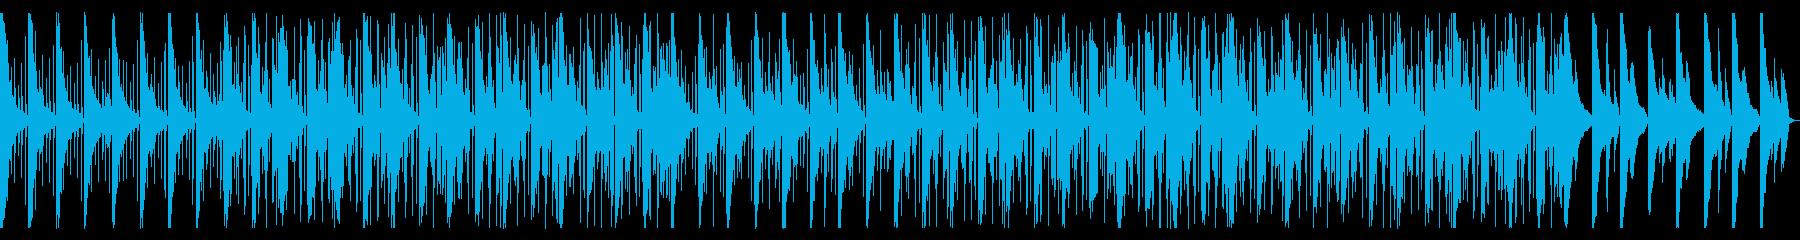 無気力。急速。ローファイヒップホップ。の再生済みの波形